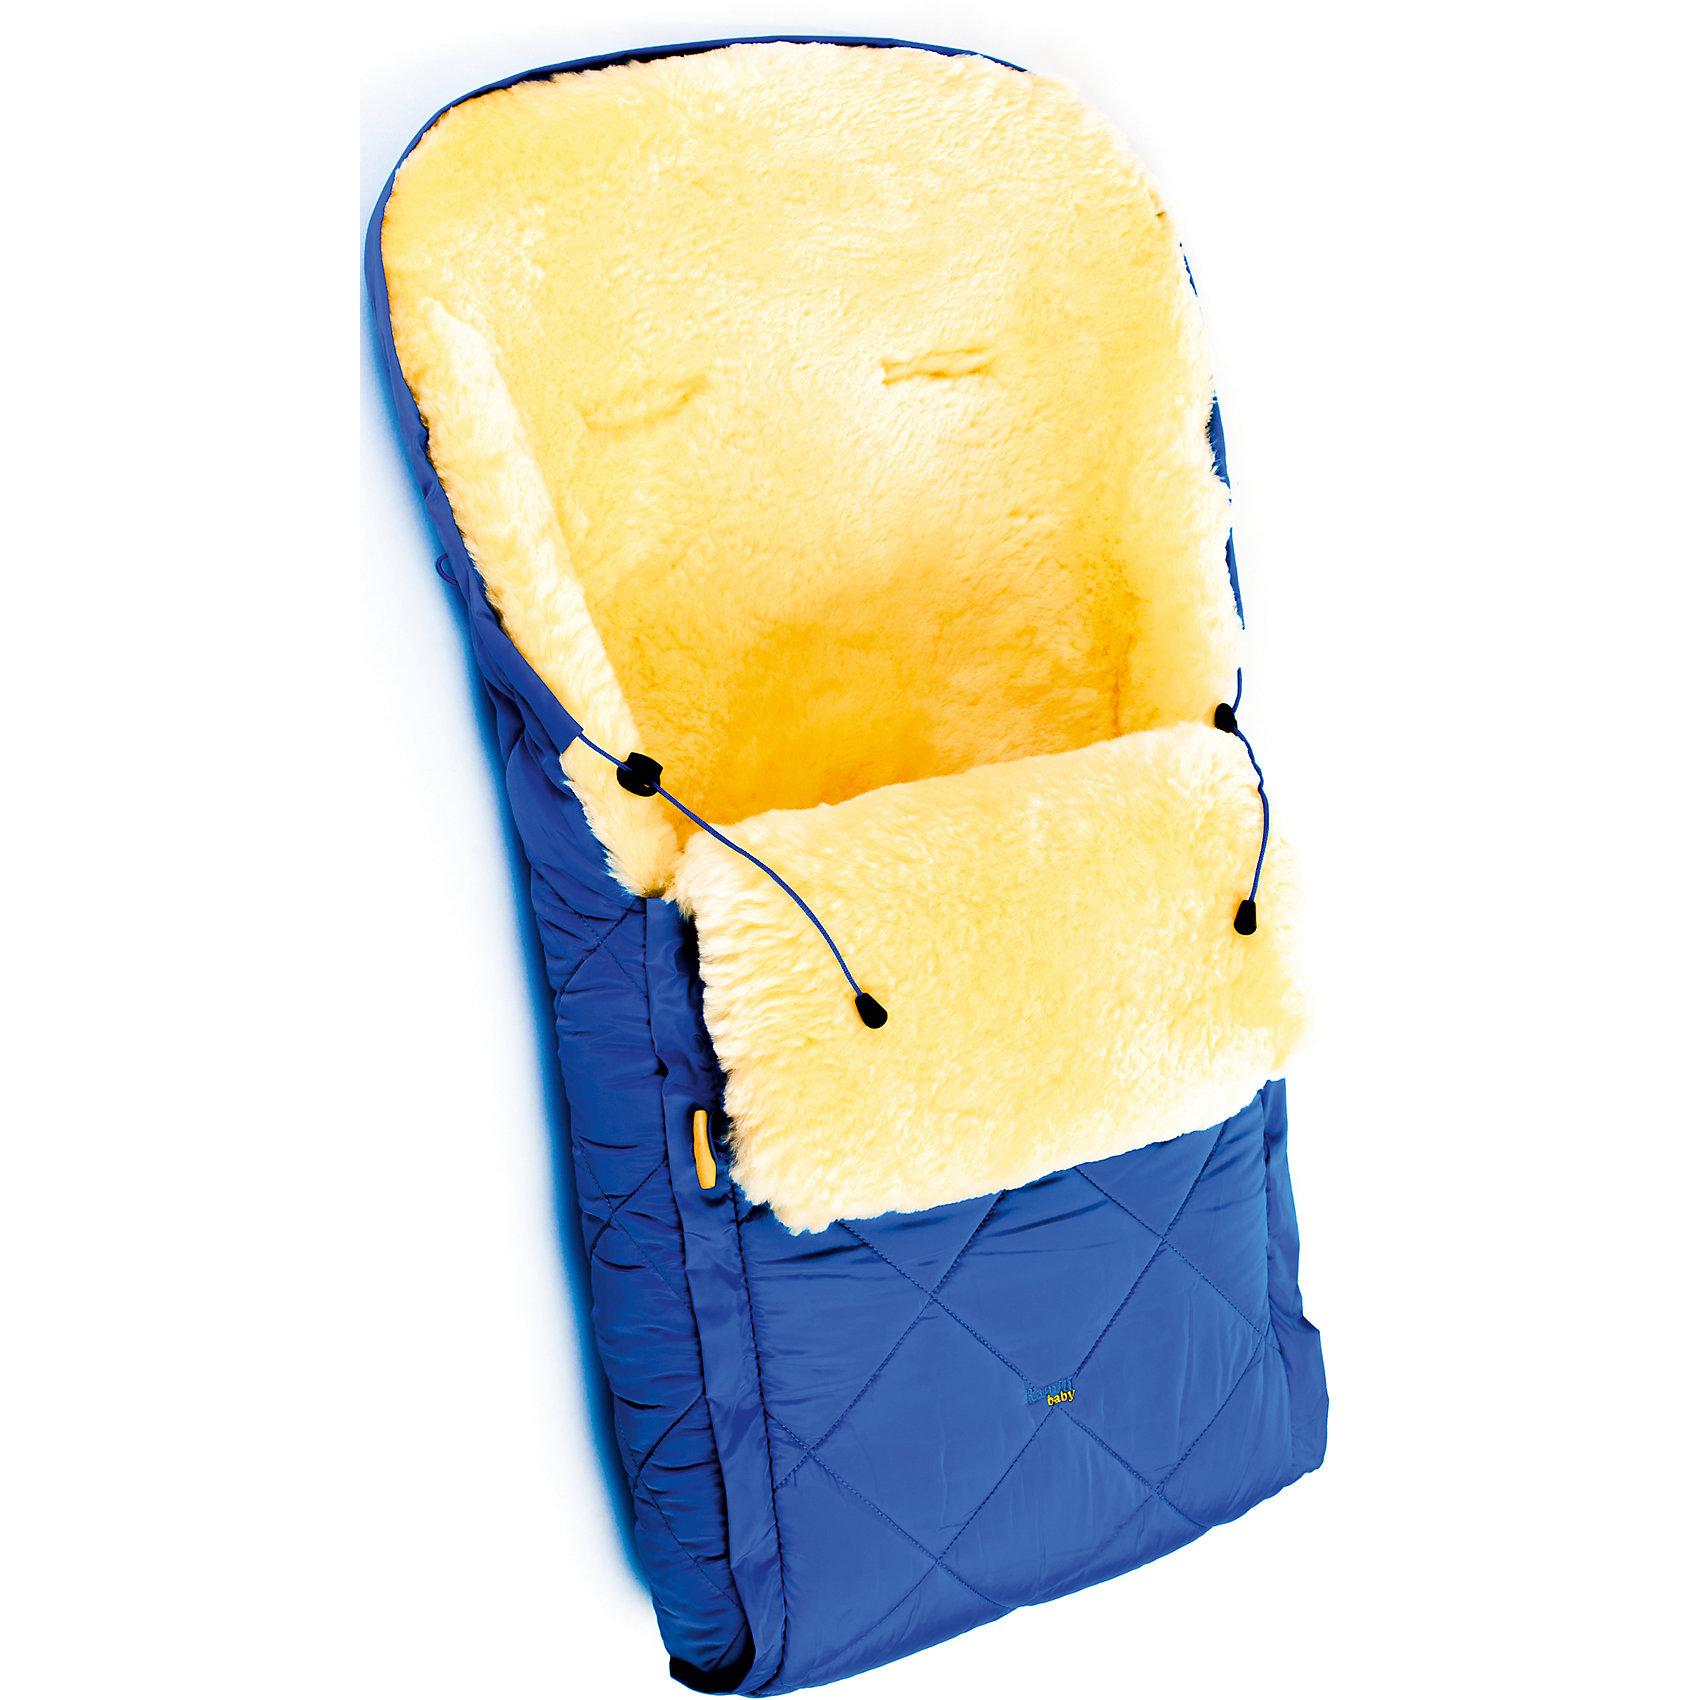 Конверт в коляску натур овчина, Ramili, синийКонверт в коляску натур овчина, Ramili, красный изготовлен по британской технологии с соблюдением всех норм и требований к безопасности для изделий, предназначенных для новорожденных. Верх конверта выполнен из плащевой ткани, которая обеспечивает защиту от ветра и влаги, при этом обладает высокими износоустойчивыми свойствами; внутренняя часть – из натуральной овчины, выделанной по специализированной технологии обработки, при которой не используются красители и химические вещества. При этом при обработке сохраняются свойства натуральной овчины и завиток, который обеспечивает повышенные теплоизоляционные свойства. Изделие обладает высокими гипоаллергенными свойствами. Конверт удобен в использовании: сбоку имеется молния,егивании которой, конверт делится на две части, это позволяет его использовать и как коврик в санки или на пол для игр ребенка; Сверху предусмотрена стяжка, благодаря которой верхняя часть стягивается в капюшон. Конверт выполнен в ярком цвете, что позволит его использовать для выписки в зимнее время.<br>Конверт в коляску натур овчина, Ramili, красный – это качественные, комфортные и многофункциональные изделия для самых маленьких!<br><br>Характеристики:<br>Сезон: зима<br>Cостав: верх конверта – полиэстер, меховой подклад – овчина, 100%<br>Размеры конверта (Д*Ш): 95*45 см<br>Верх стягивается в капюшон<br>Наличие застежки-молнии<br>Предусмотрены прорези для ремней безопасности<br>Трансформируется в коврик<br>Уход: машинная стирка при температуре не более 40 градусов<br><br>Конверт в коляску натур овчина, Ramili, красный можно купить в нашем интернет-магазине.<br><br>Ширина мм: 900<br>Глубина мм: 600<br>Высота мм: 200<br>Вес г: 1000<br>Цвет: синий<br>Возраст от месяцев: 0<br>Возраст до месяцев: 12<br>Пол: Унисекс<br>Возраст: Детский<br>SKU: 4980603